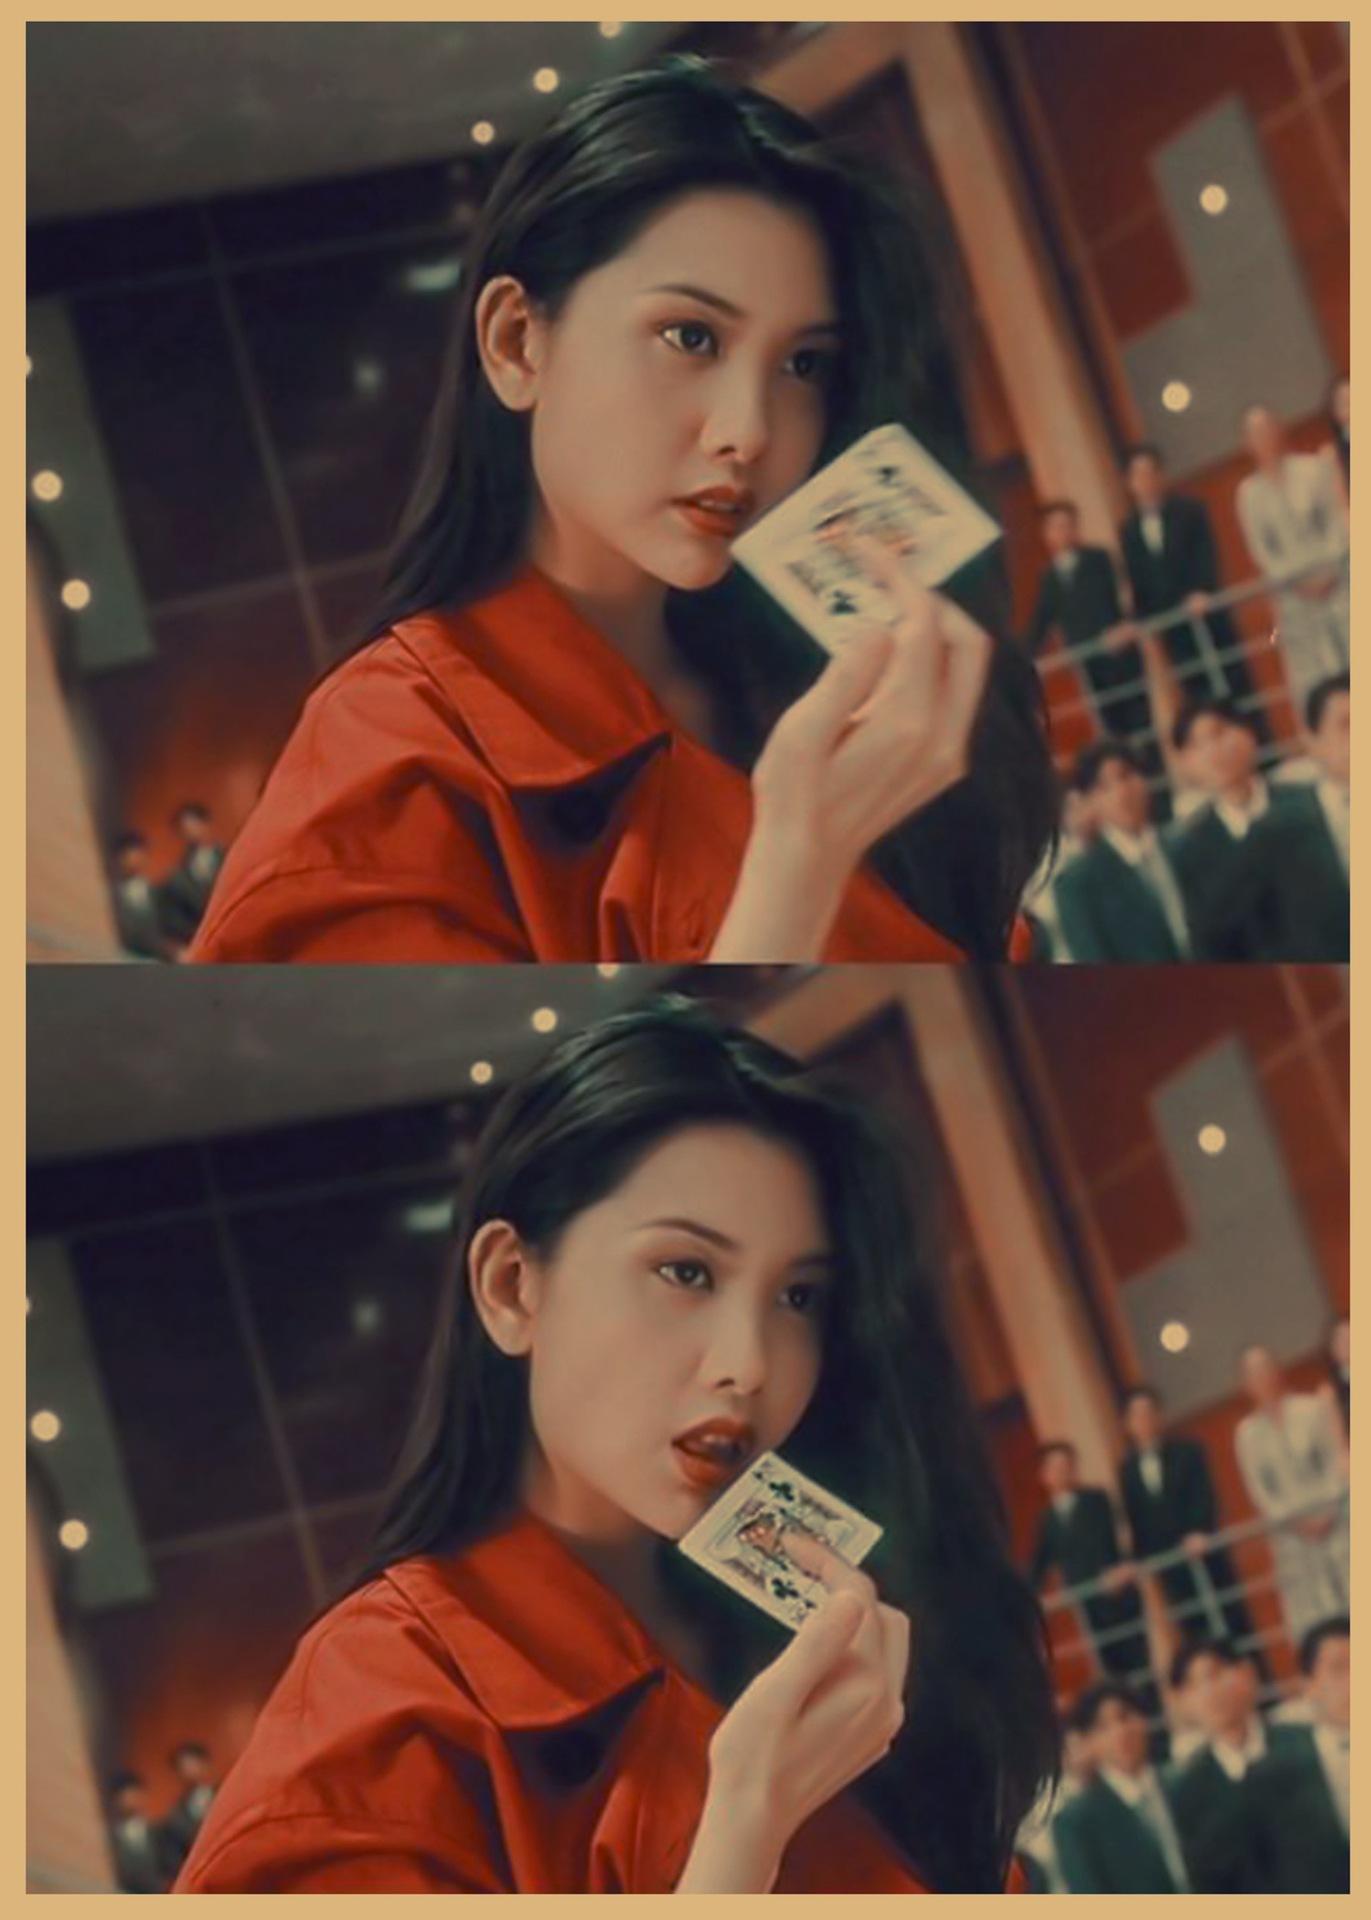 邱淑贞扑克牌红衣海报香港明星复古牛皮纸装饰墙画壁画